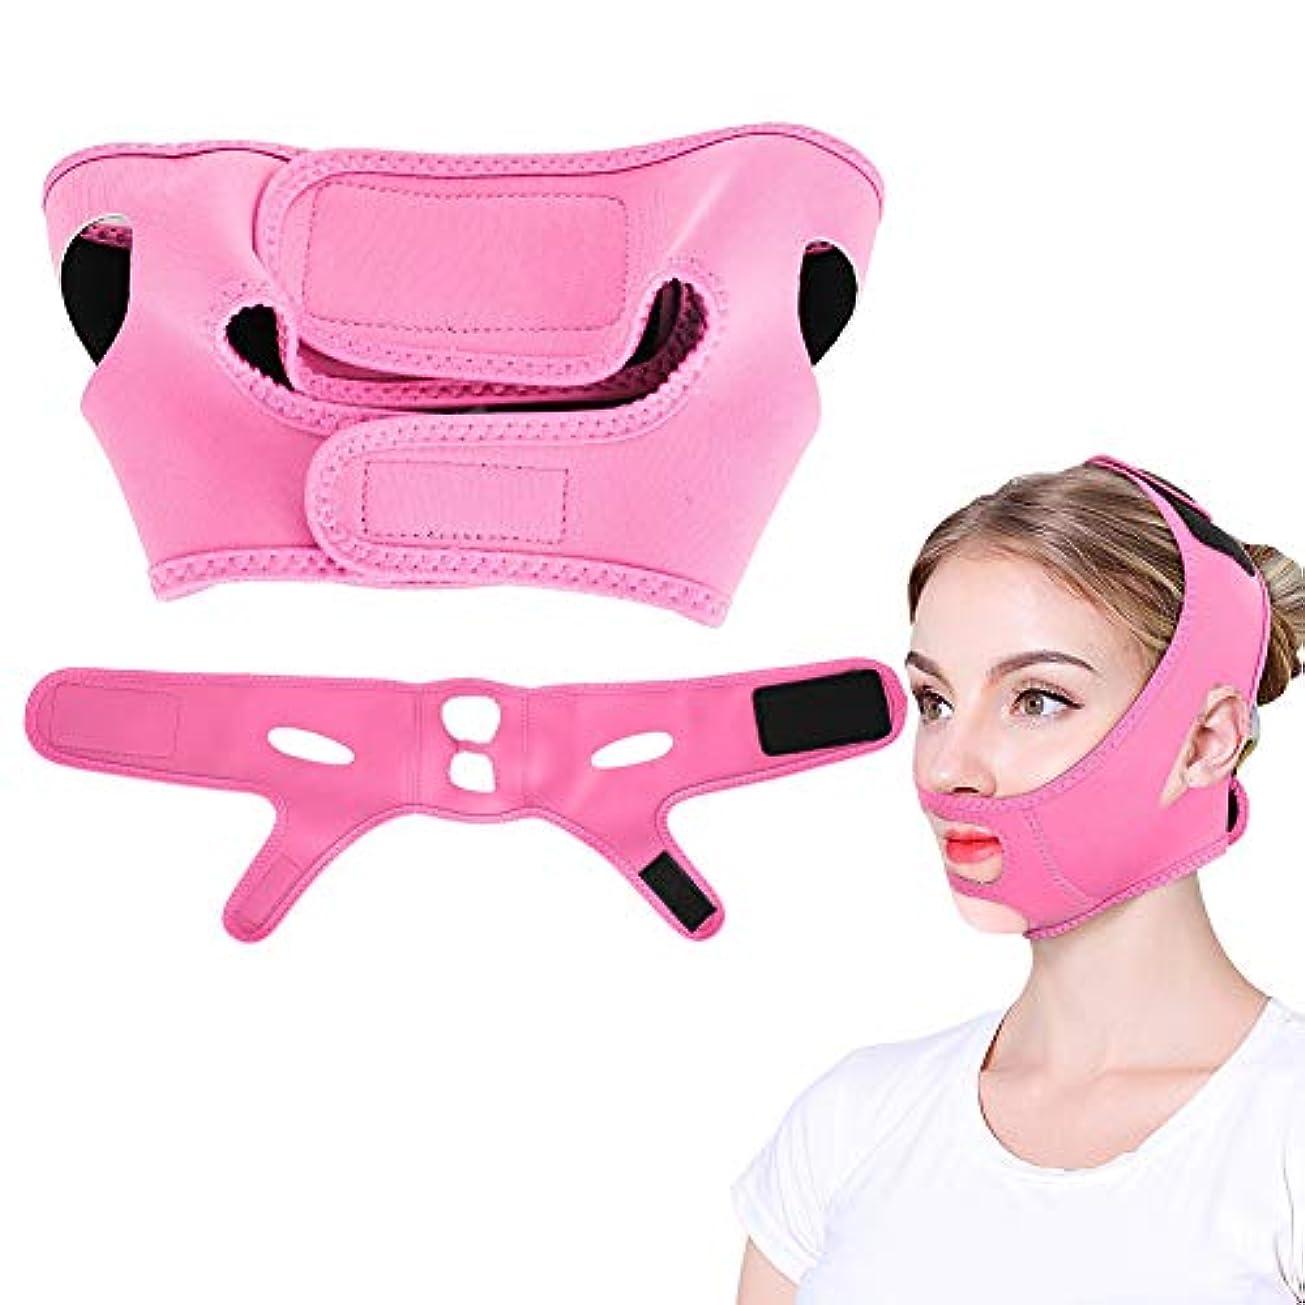 無心おそらくきらきらフェイススリミング包帯小 顔 美顔 矯正、顎リフト フェイススリミングマスク (ピンク)